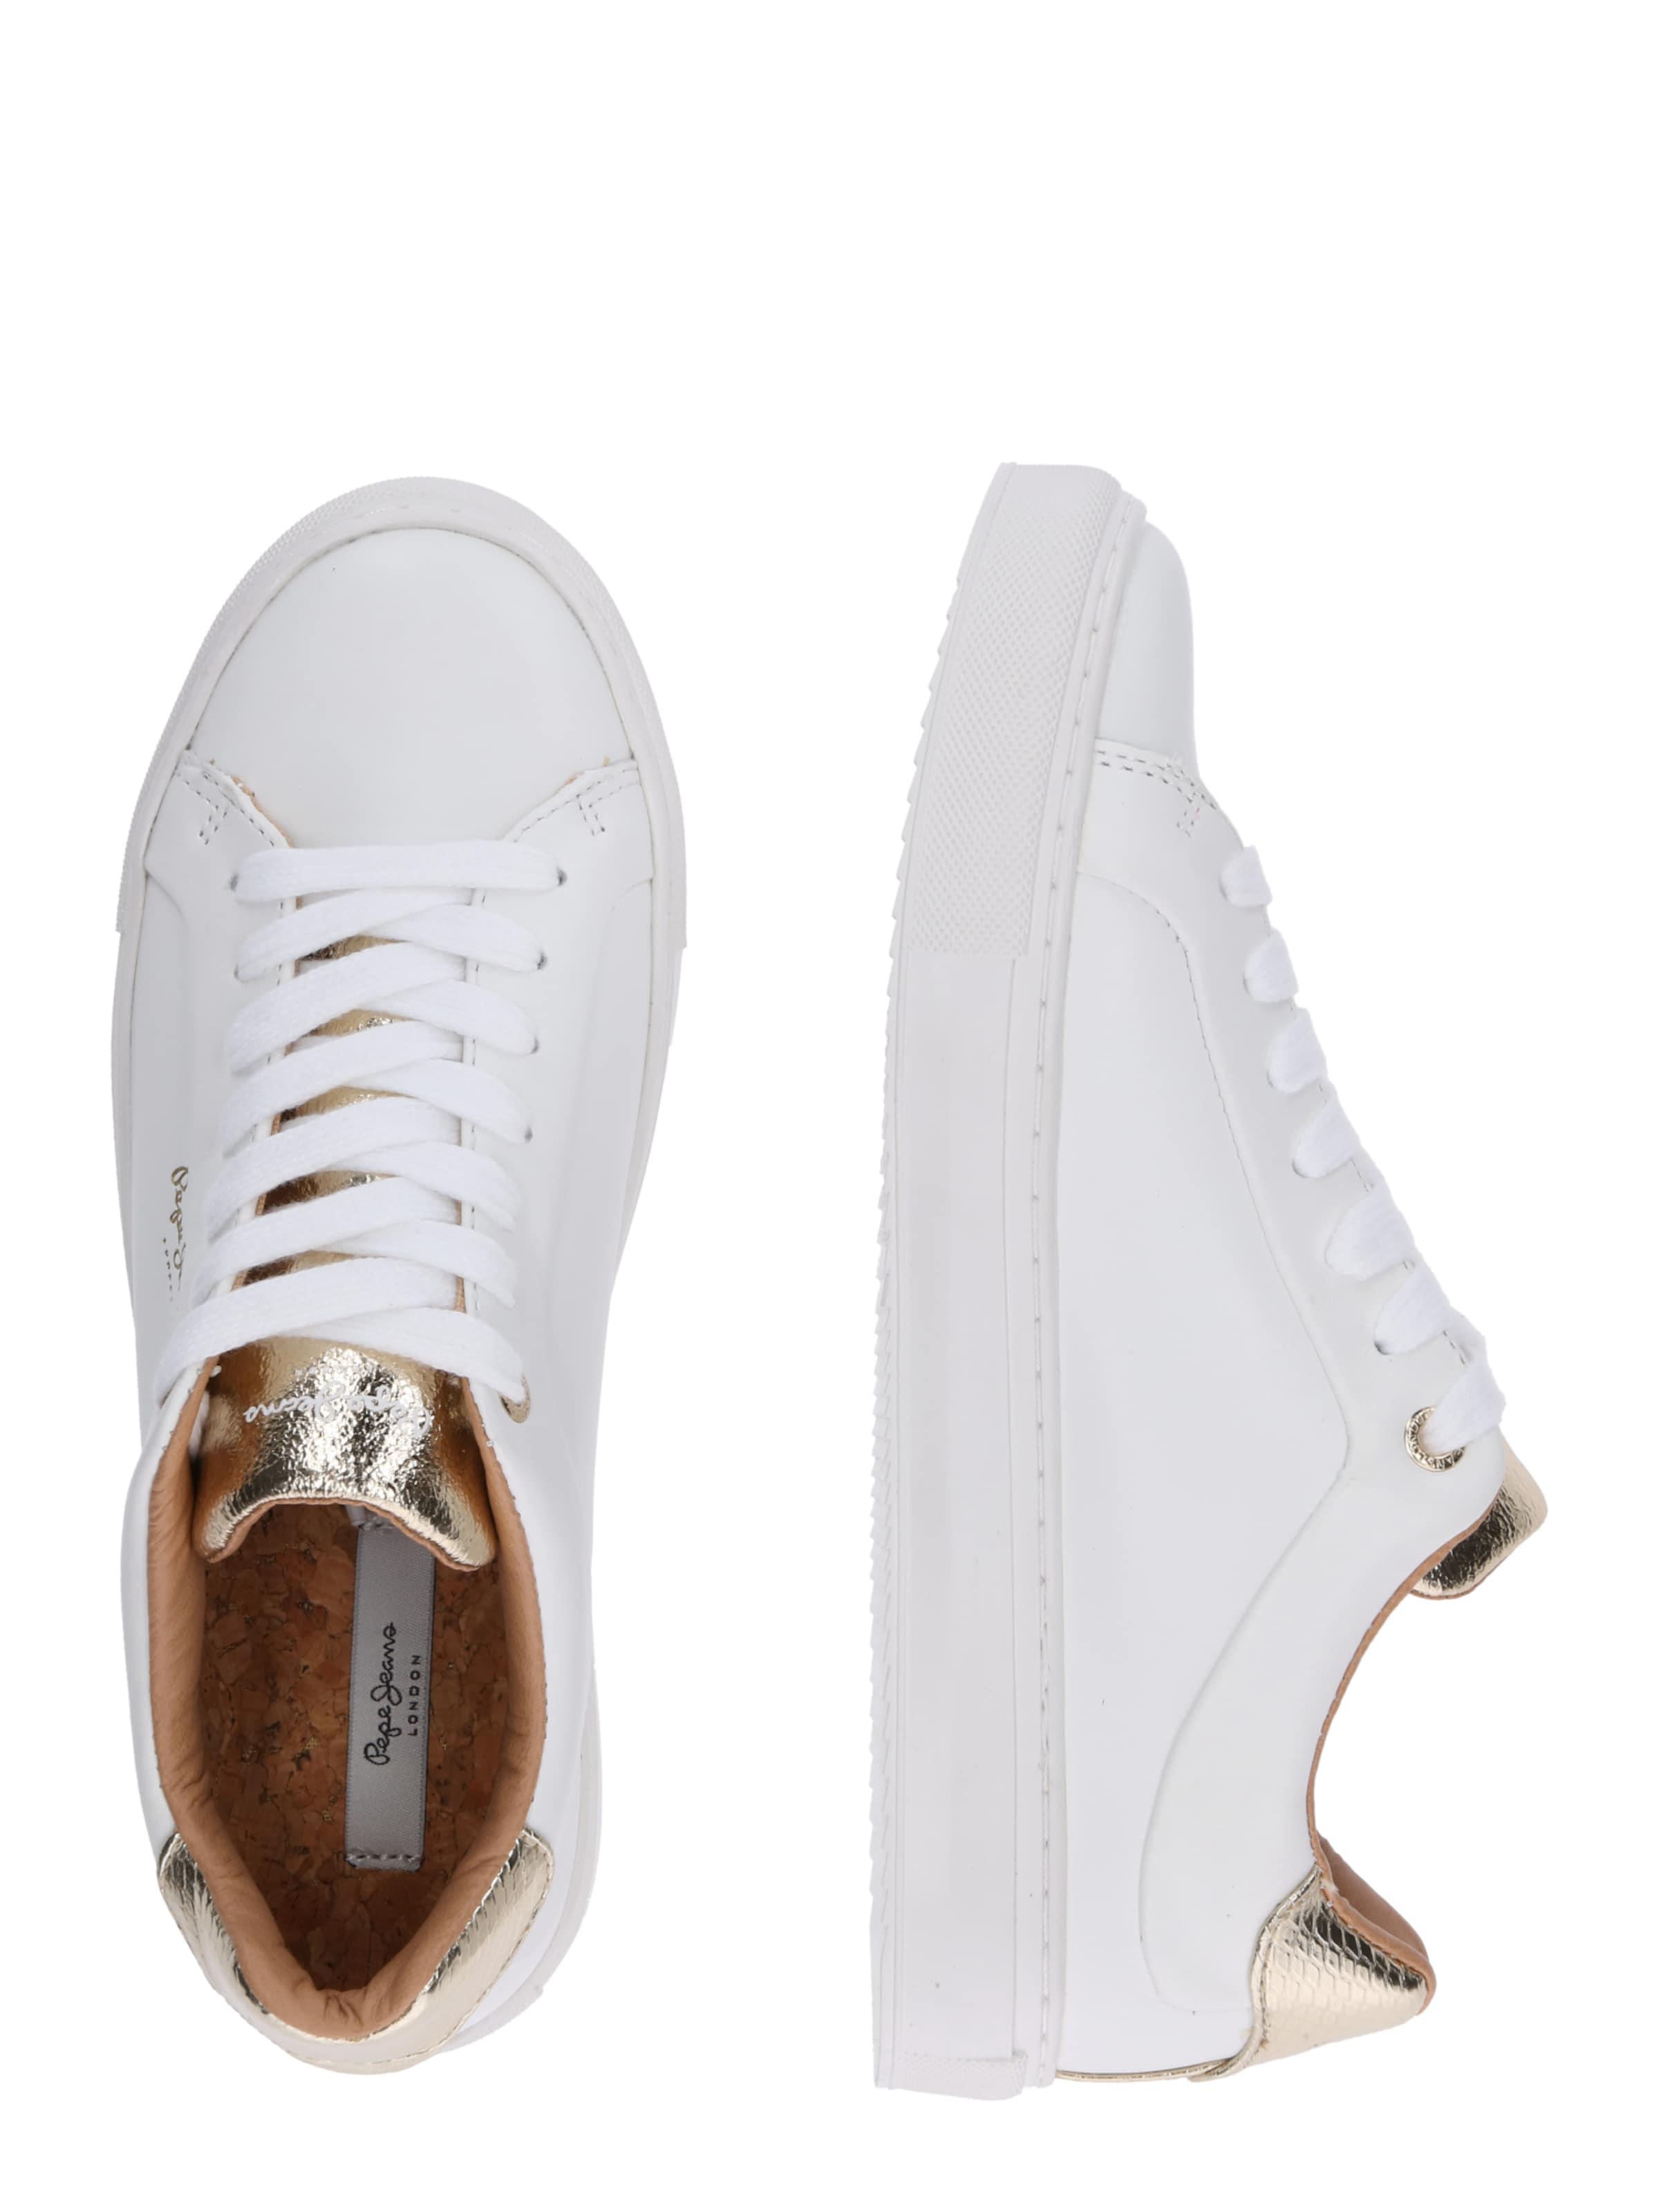 Jeans Sneaker Pepe 'adams In Weiß Premium' gybf76Y